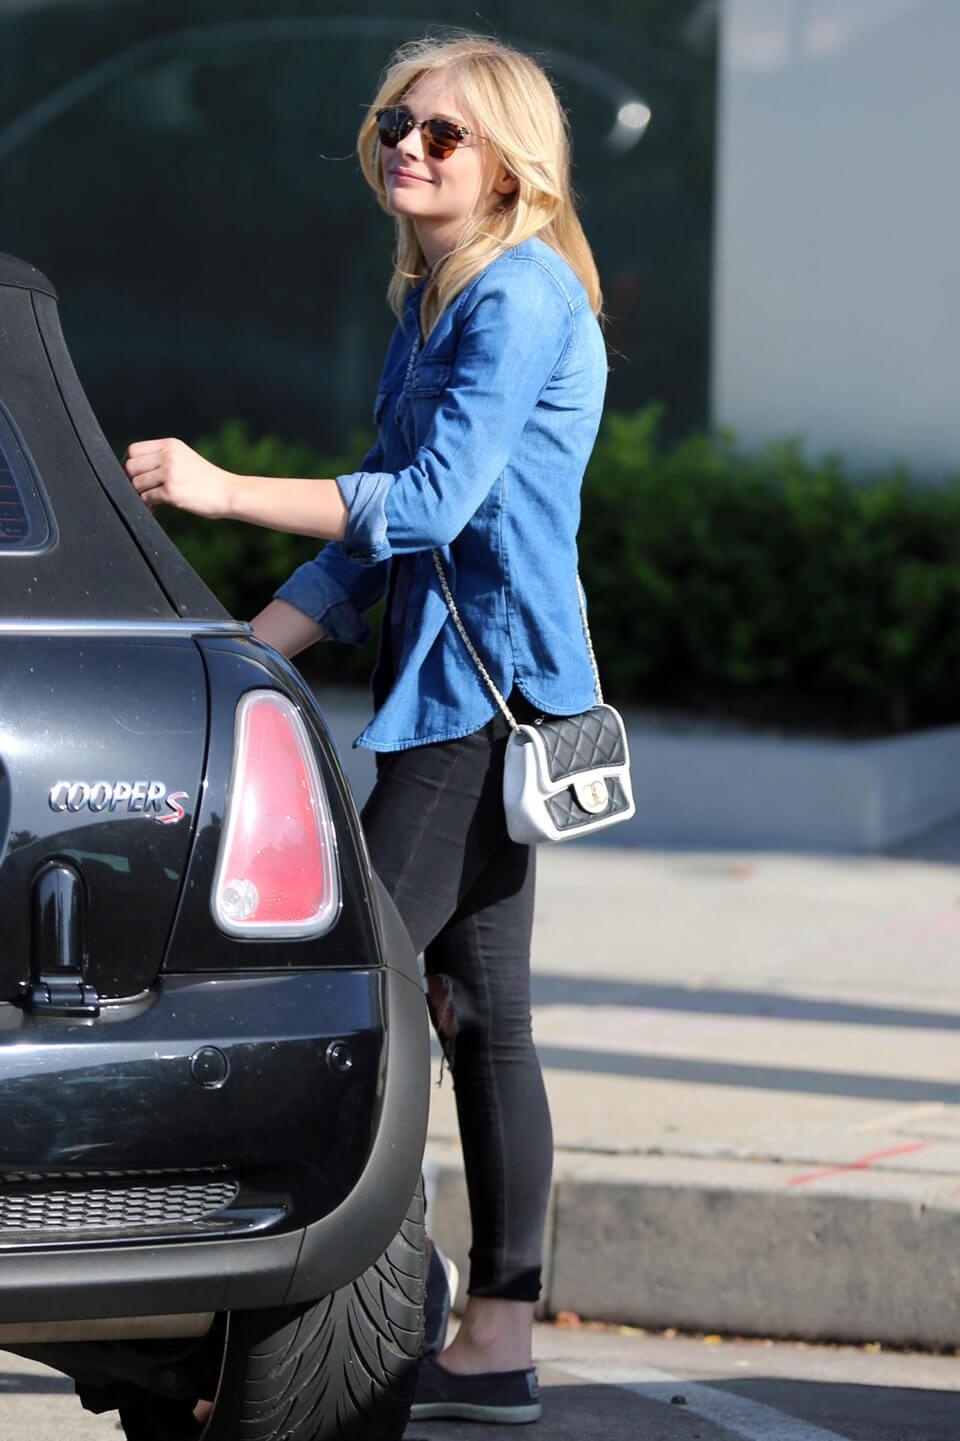 カワイくて、カッコいい! 「フィフス・ウェイブ」のクロエ・モレッツはメルセデス党!? - Chloe Moretz gets into her car